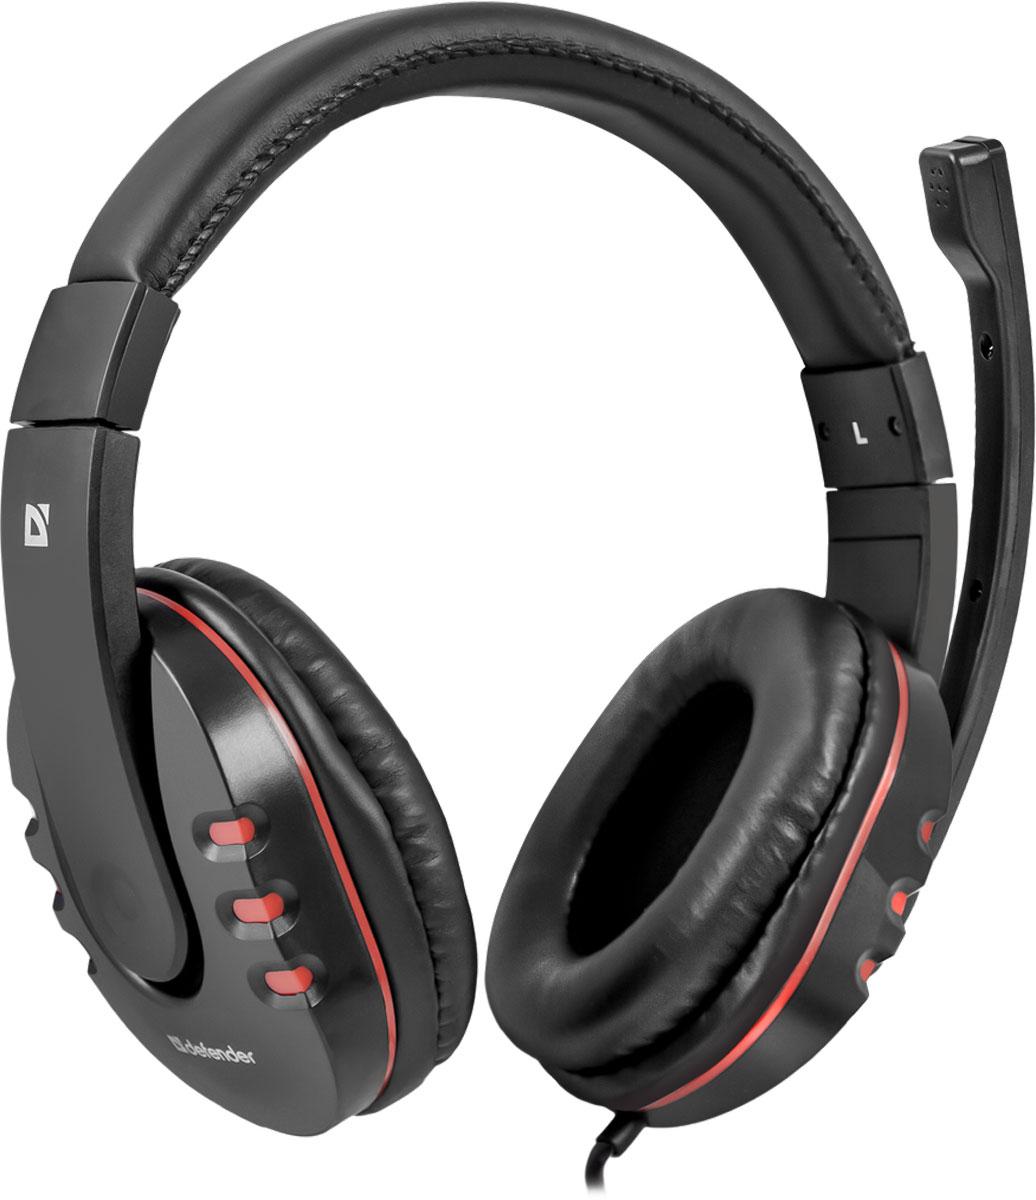 Defender Warhead G-160, Black игровая гарнитура64113Игровая гарнитура Defender Warhead G-160 оснащена всем необходимым для захватывающего процесса игры. На кабеле гарнитуры удобно расположен регулятор громкости. Благодаря надежной звукоизоляции и комфортным амбушюрам вы сможете играть или слушать музыку с комфортом - ничто не будет вам мешать! Частотный диапазон микрофона: 20 Гц - 16 кГц Сопротивление микрофона: 2,2 кОм Чувствительность микрофона: 54 дБ